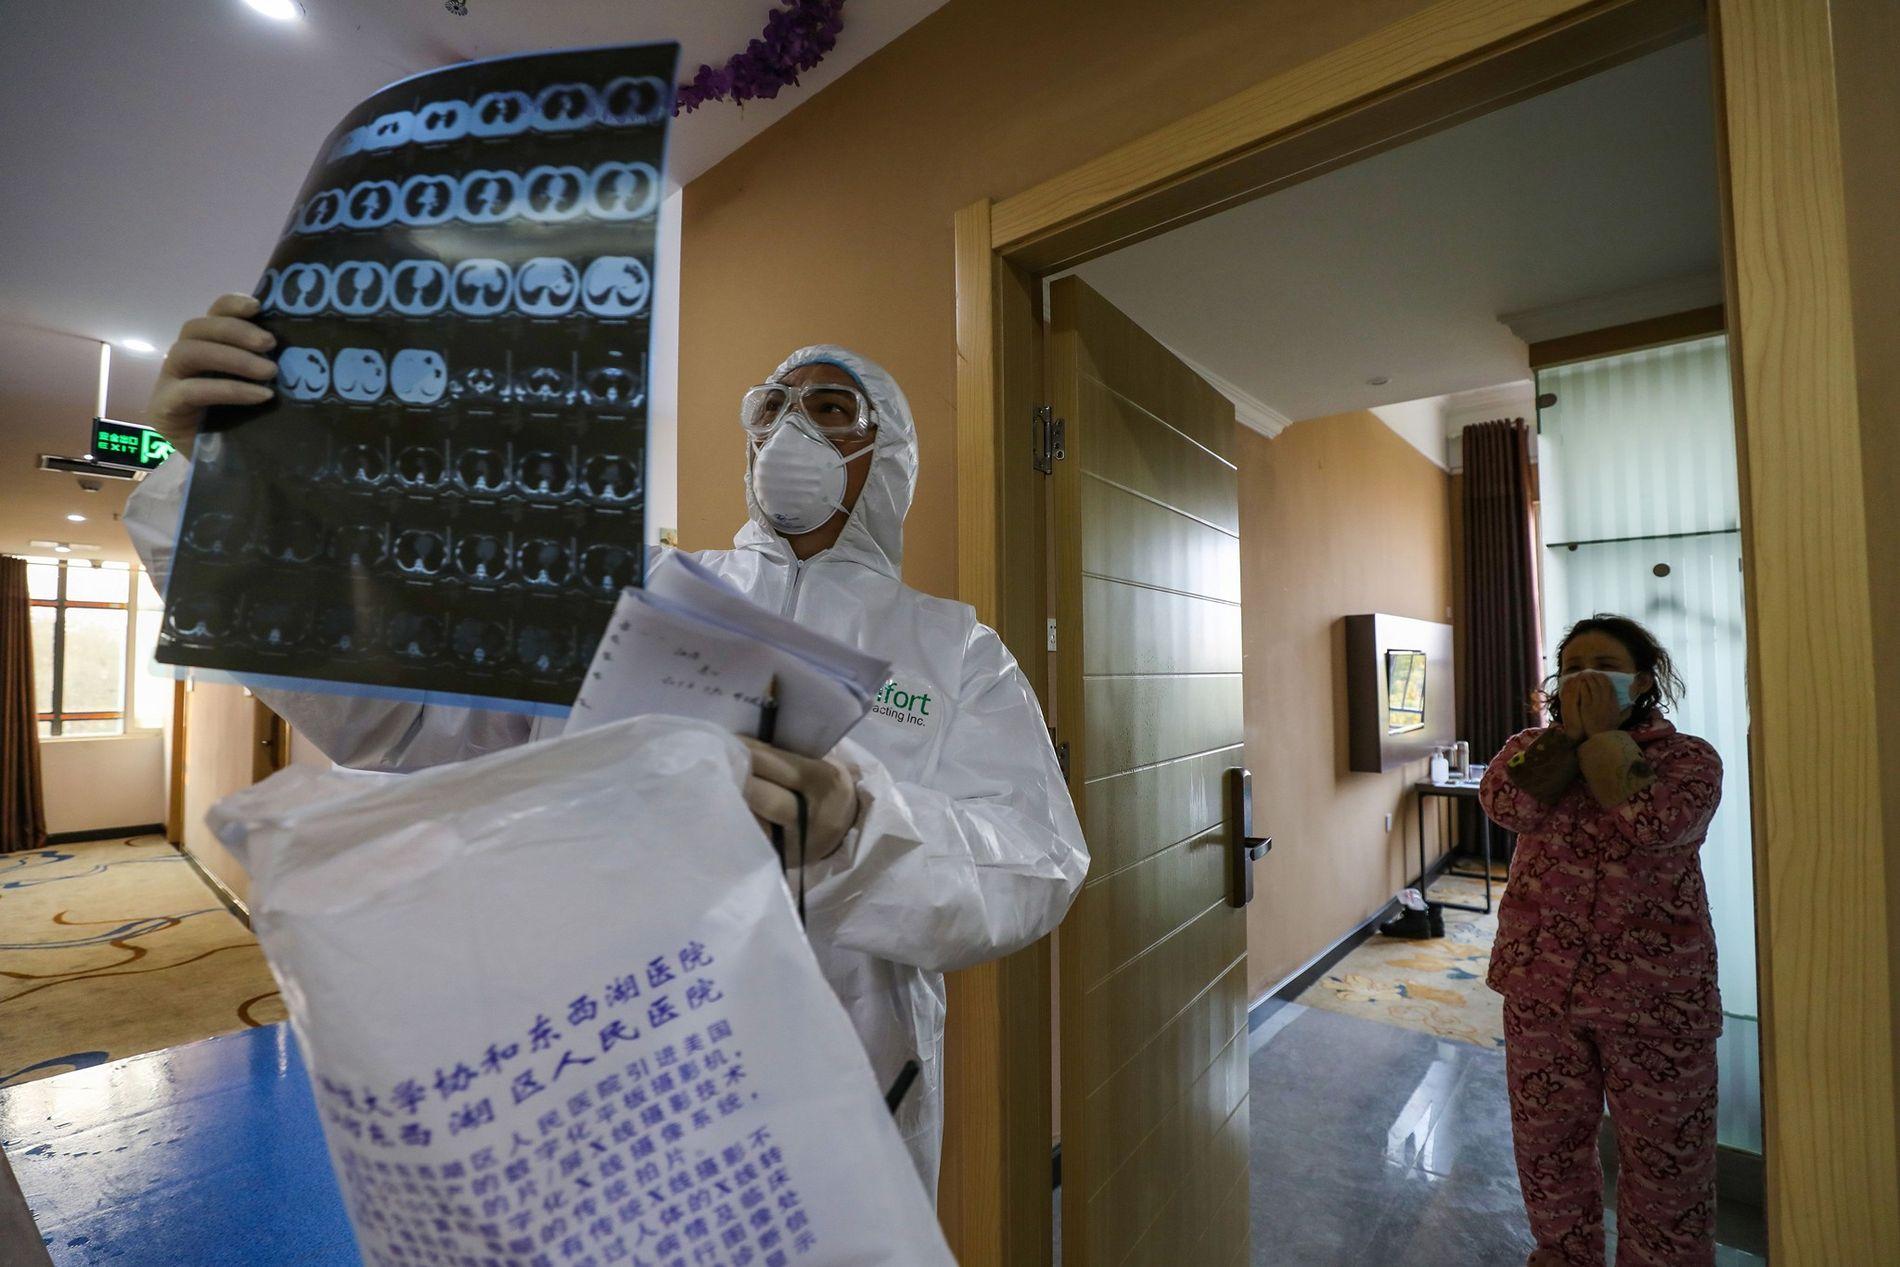 desastres inducidos por humanos y su prevención de diabetes